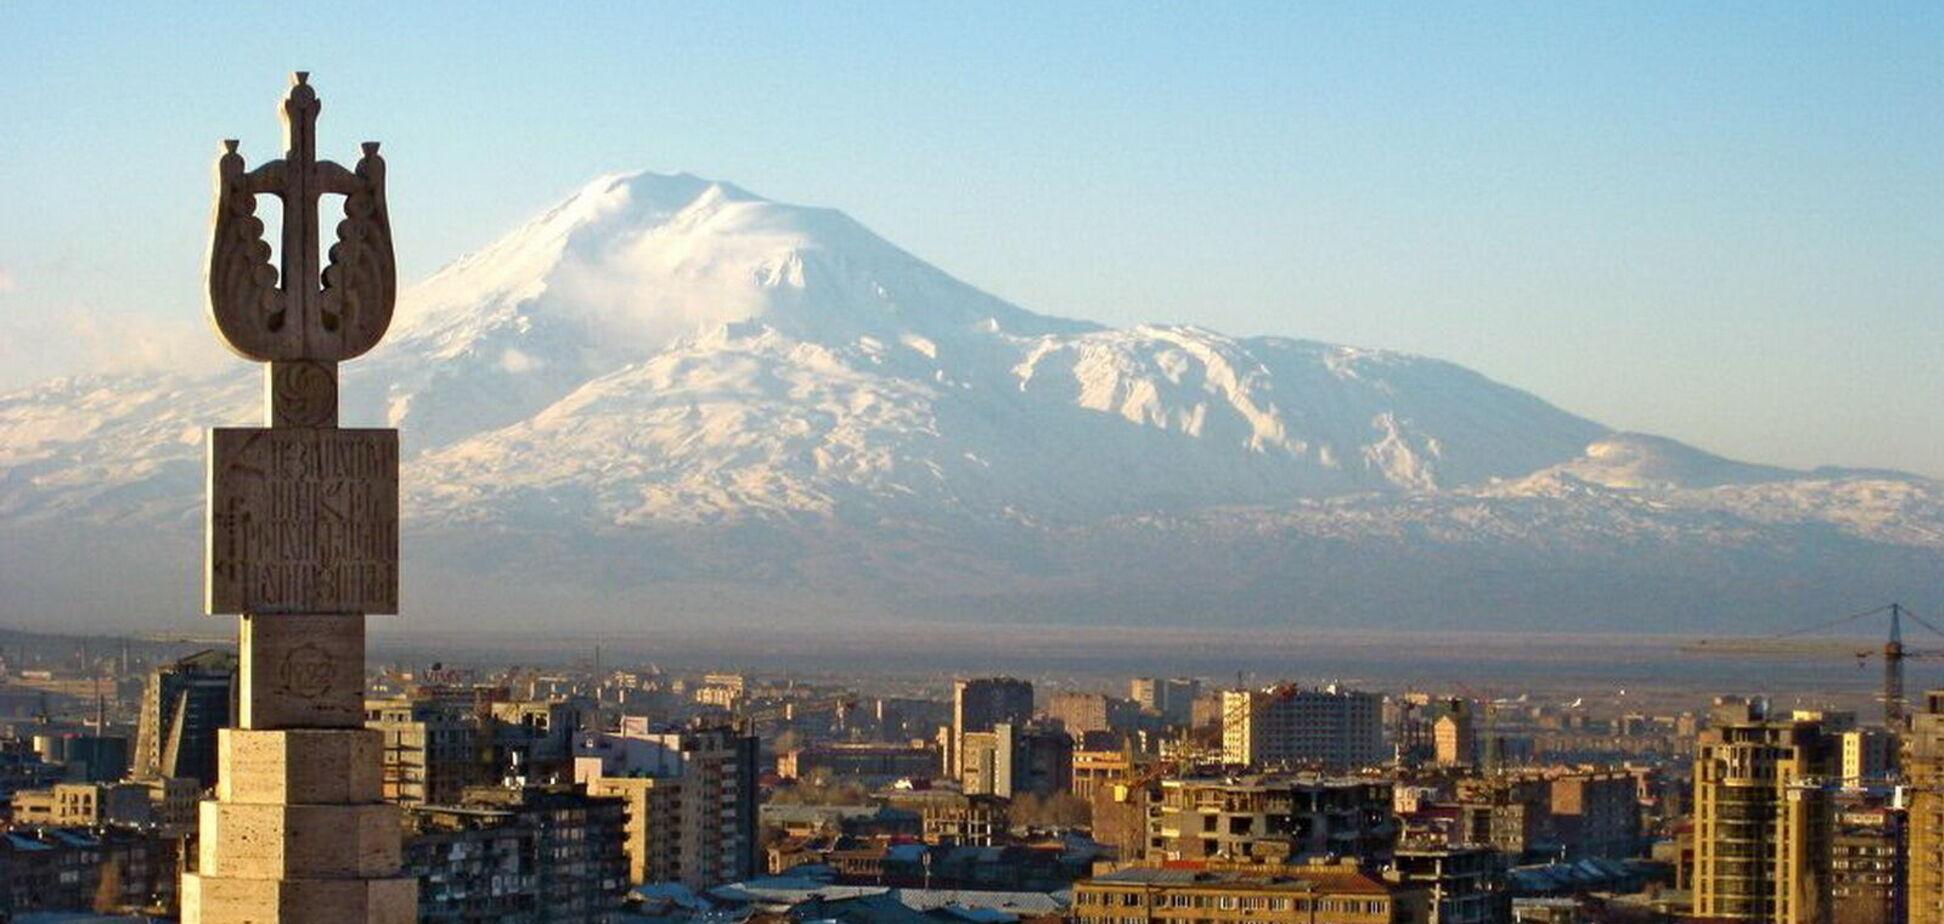 Єреван може визнати незалежність 'республіки Нагірний Карабах'